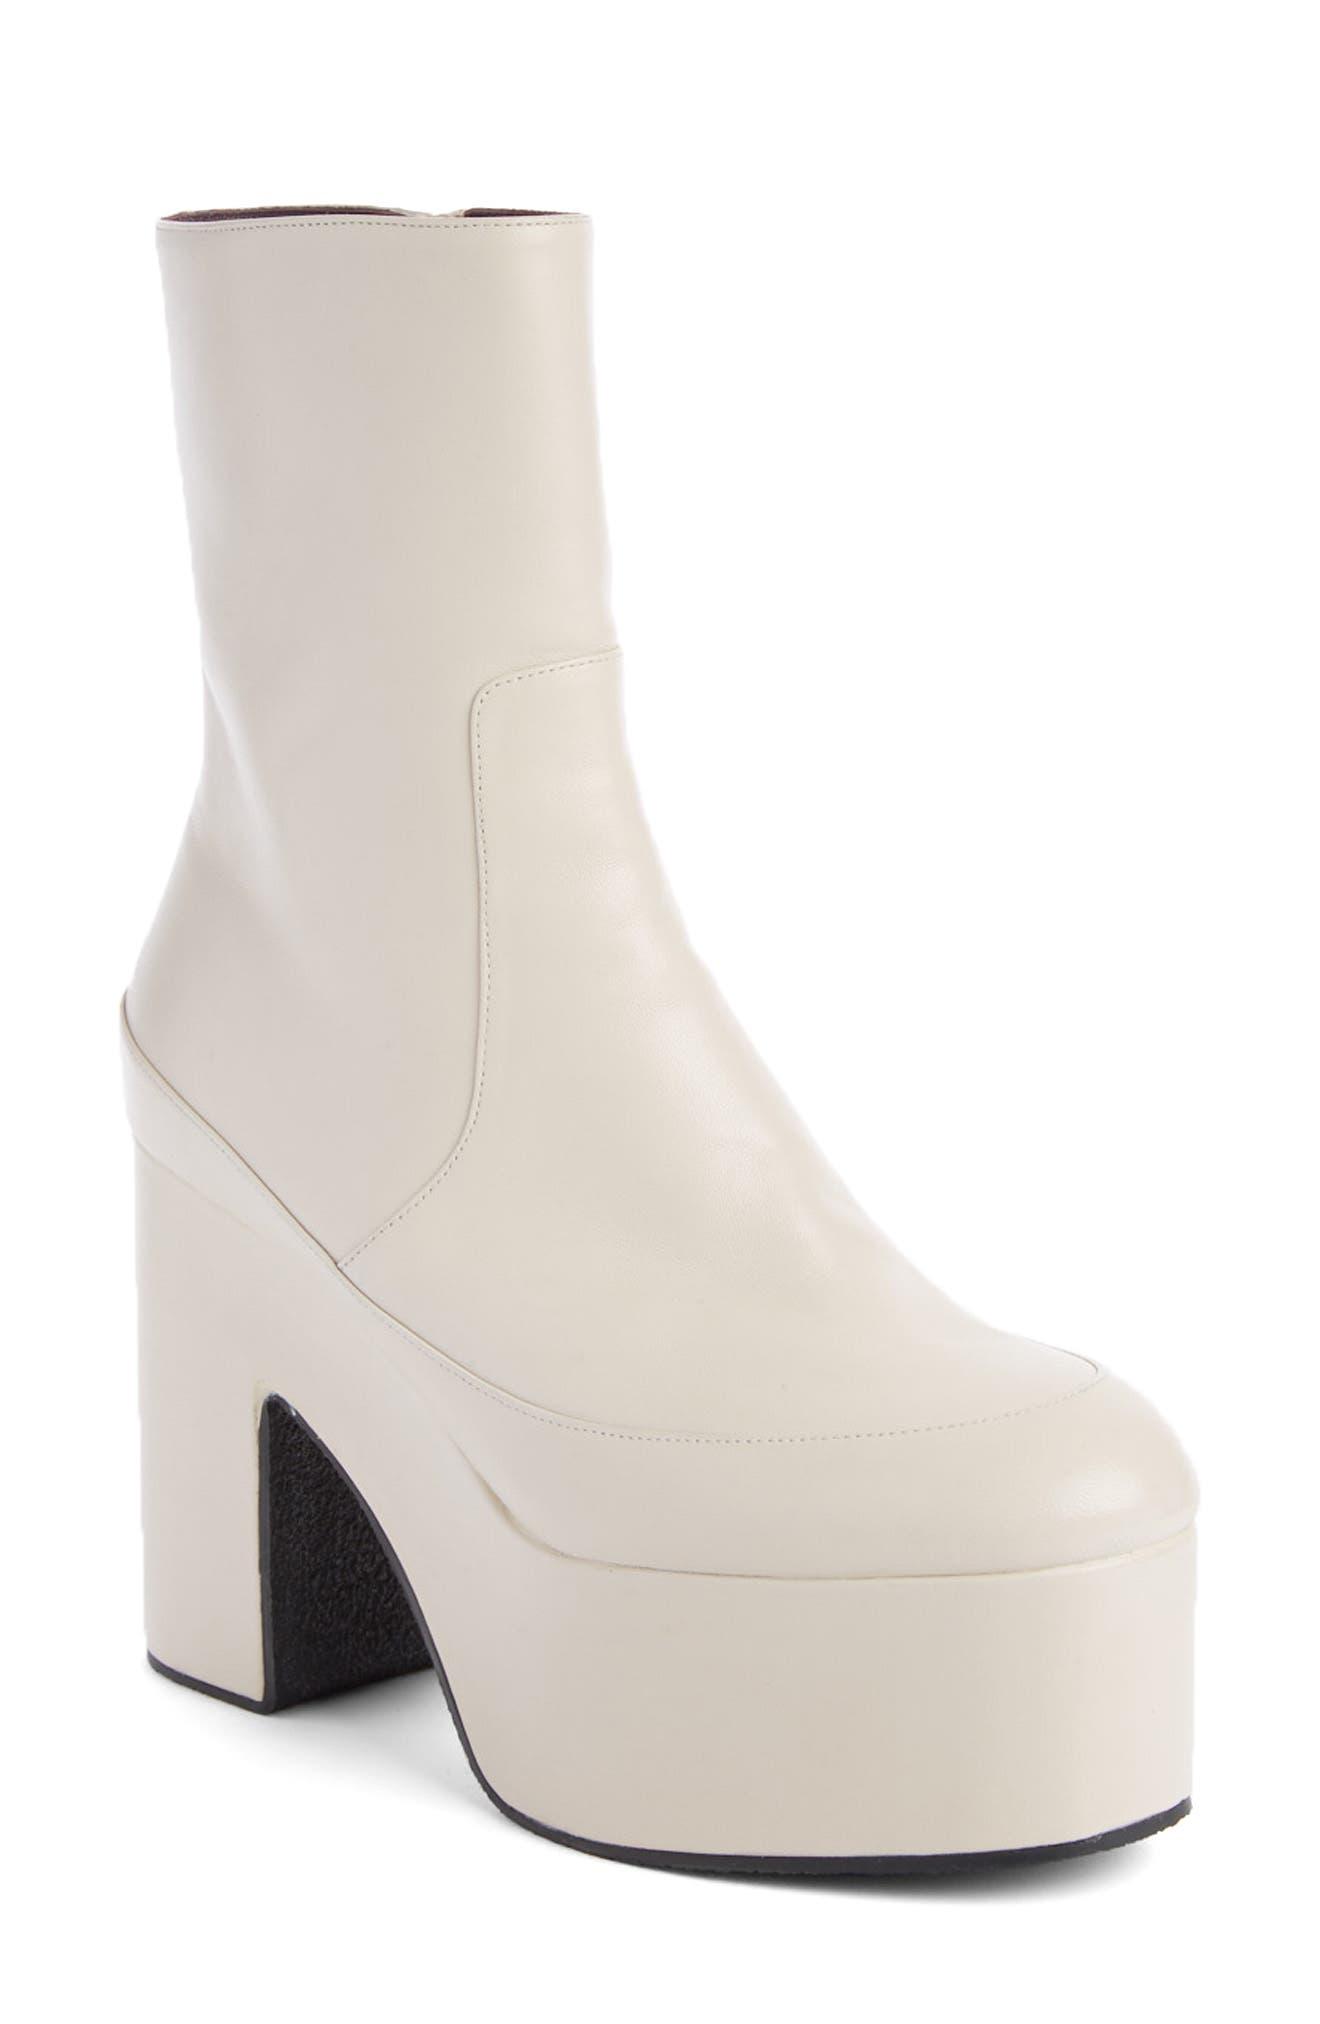 Women's Dries Van Noten Booties \u0026 Ankle